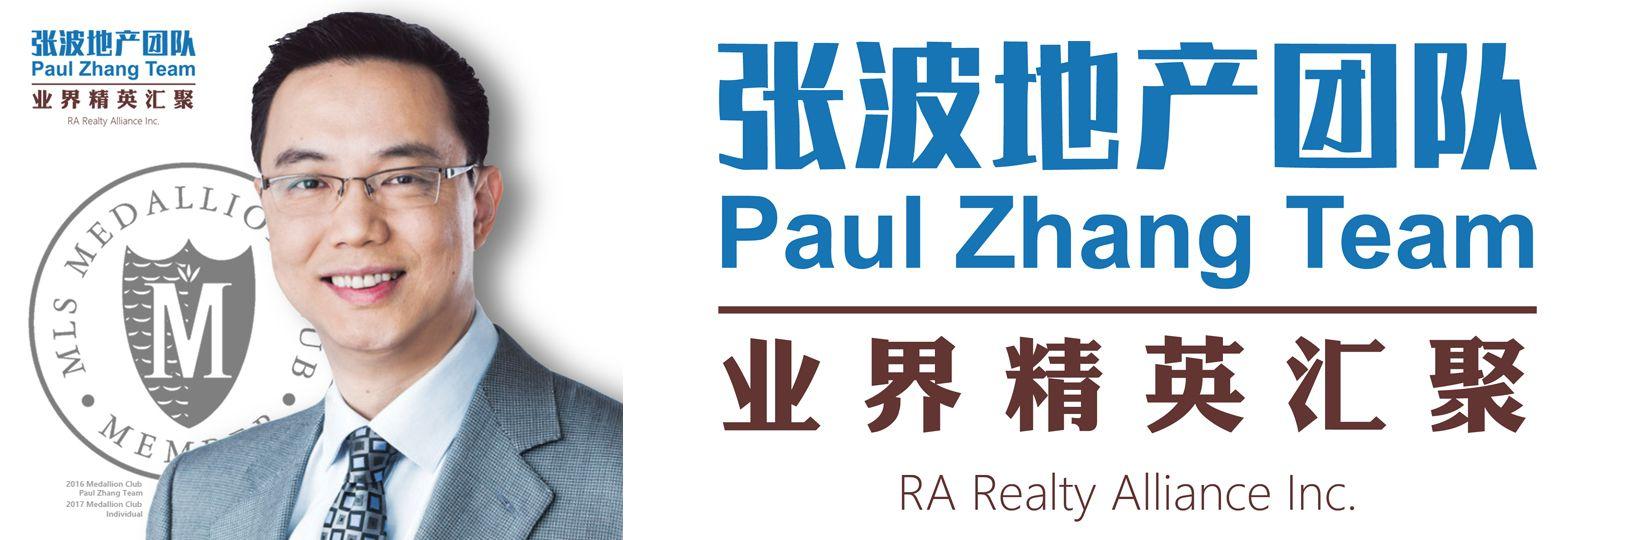 Paul Zhang - banner